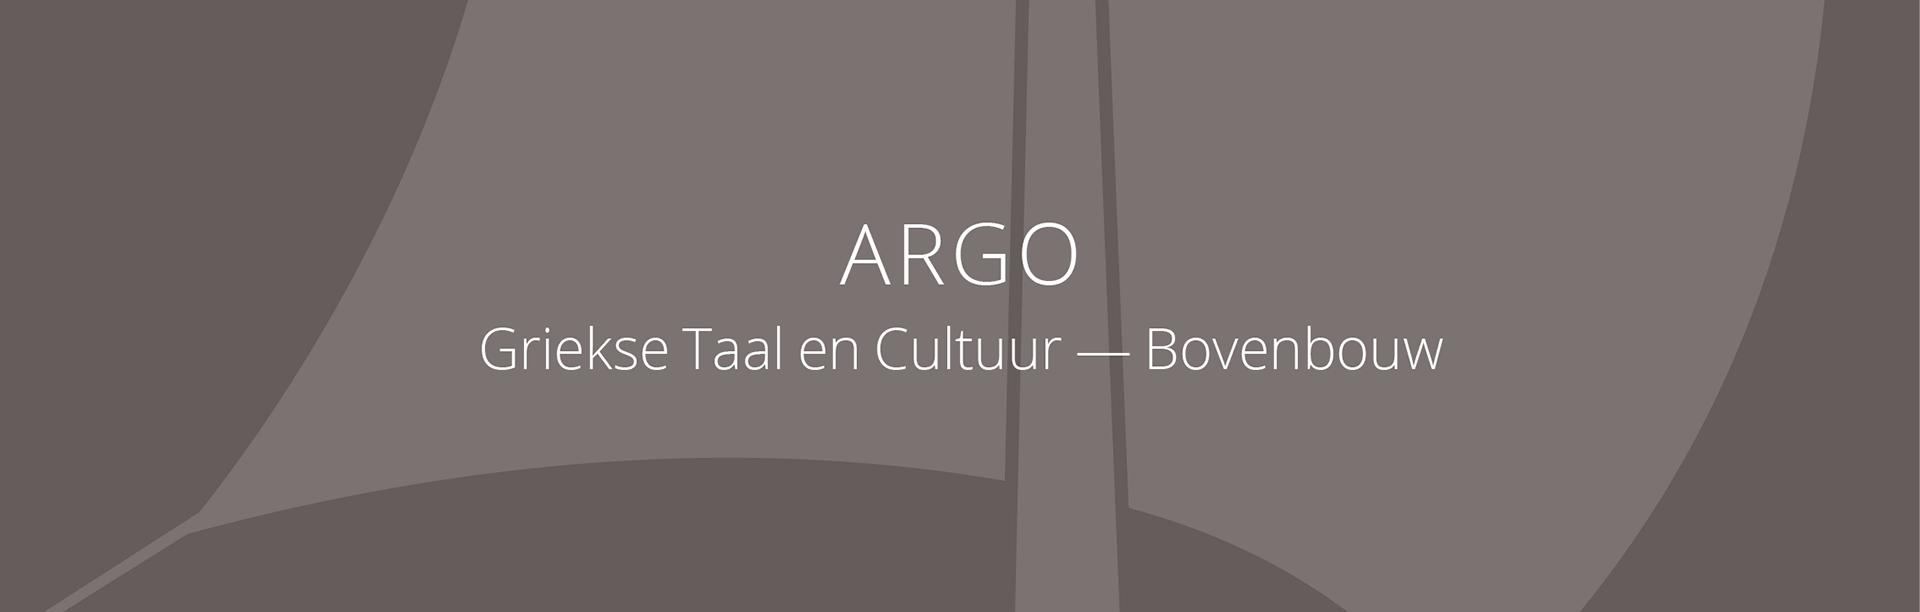 Banner ARGO Grieks bovenbouw